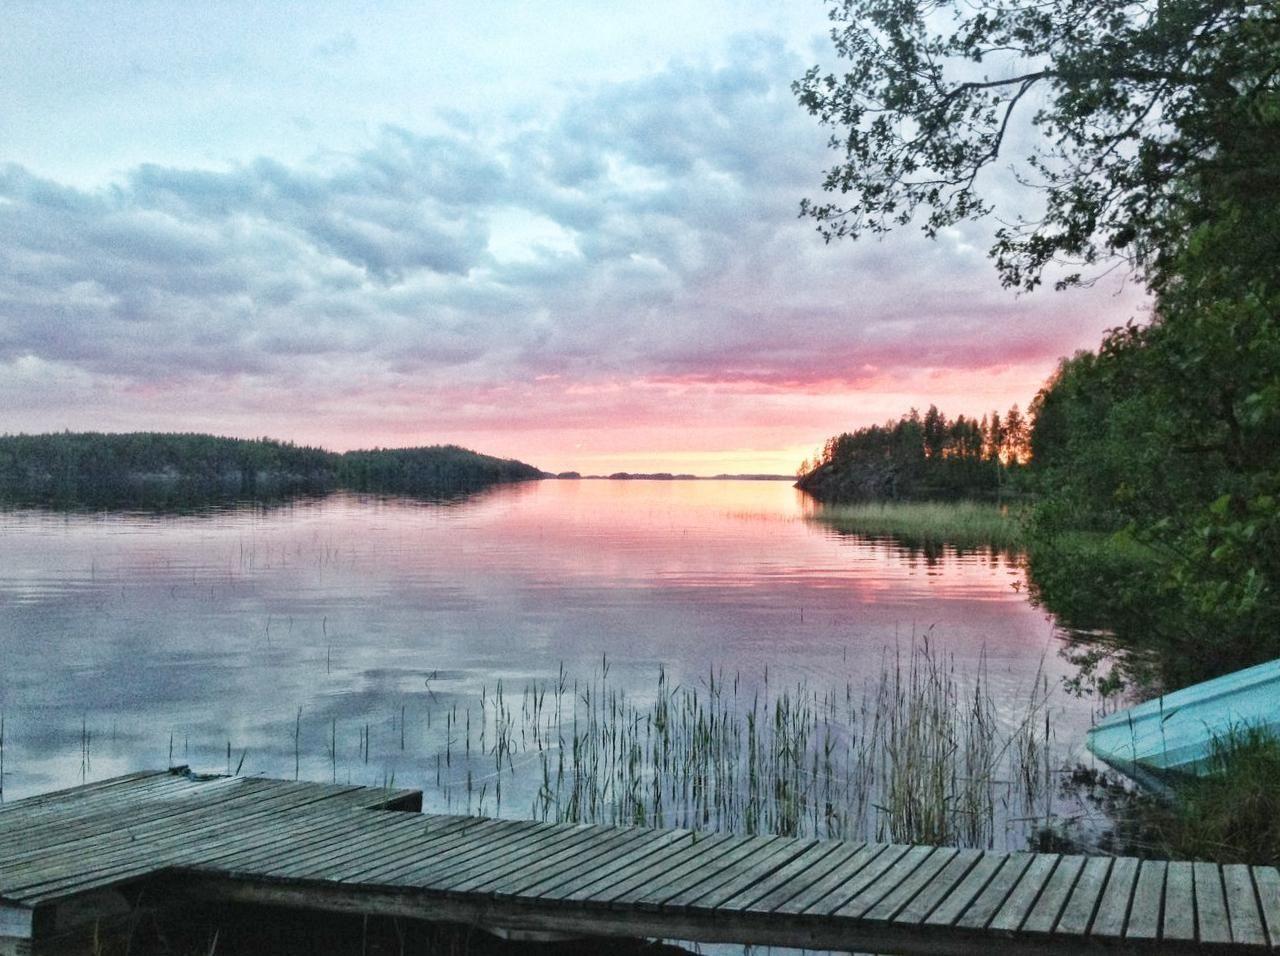 Купить дом в пункахарью финляндия